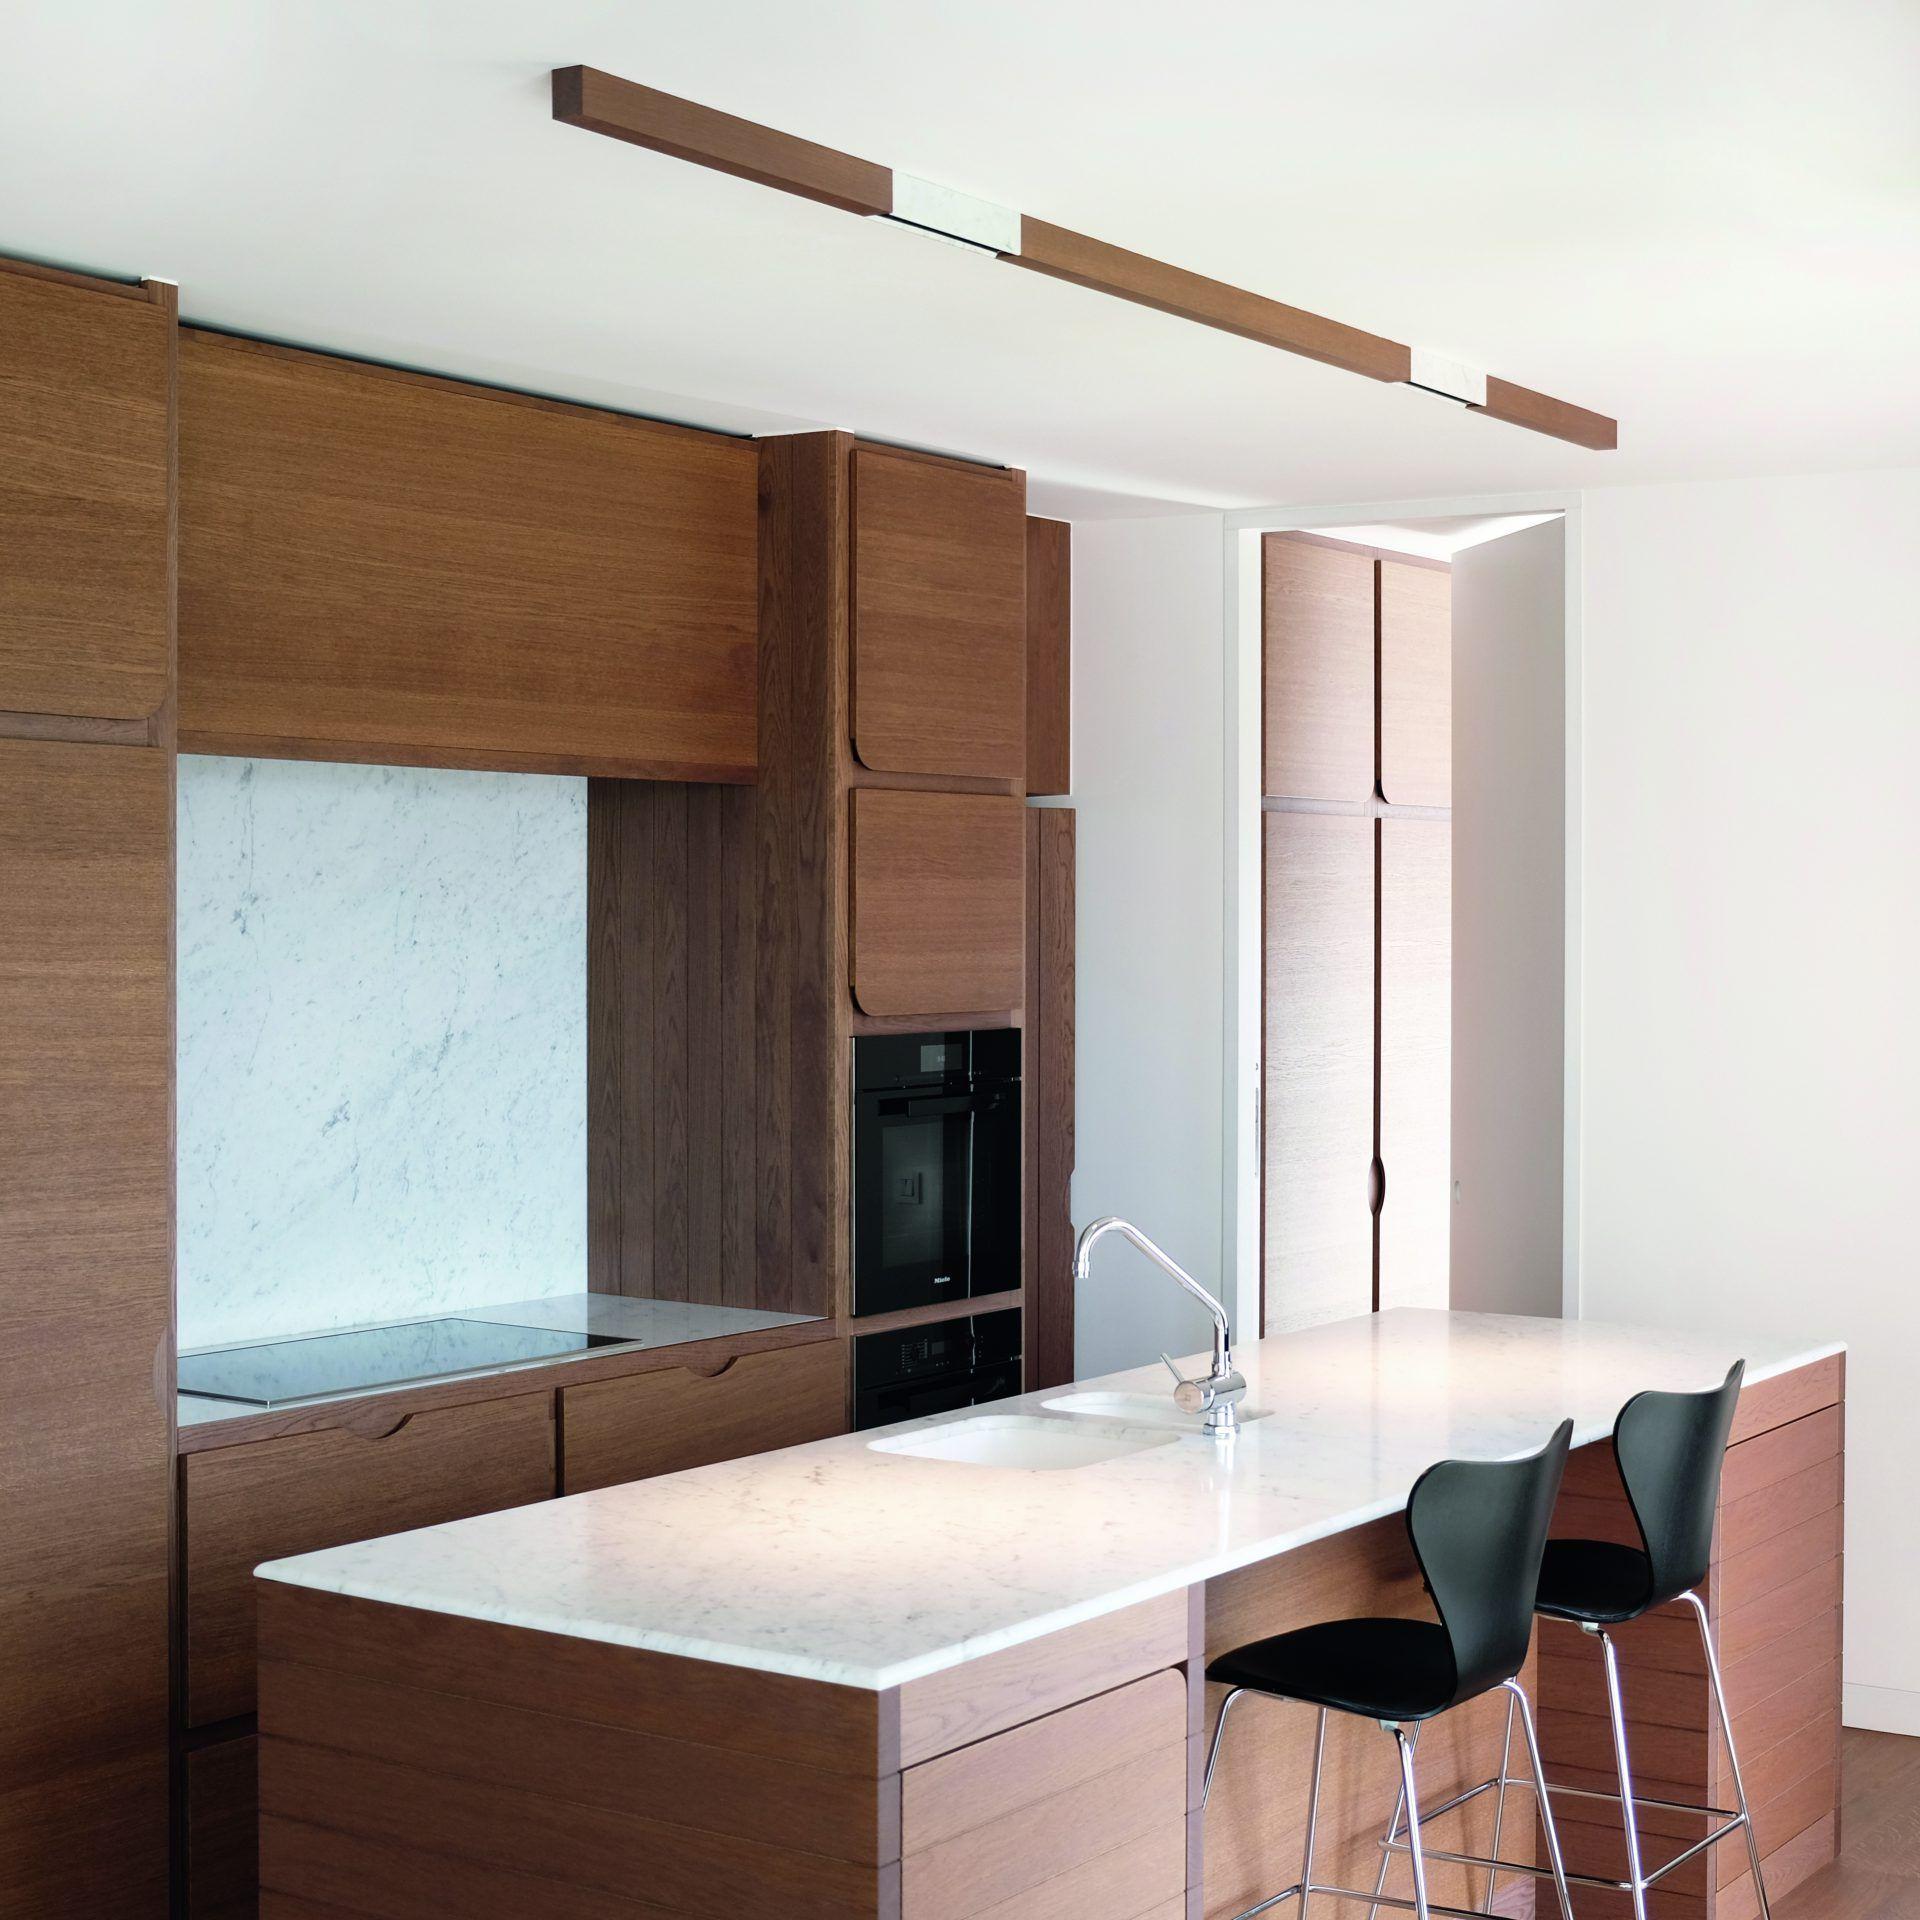 Iluminación lineal modular